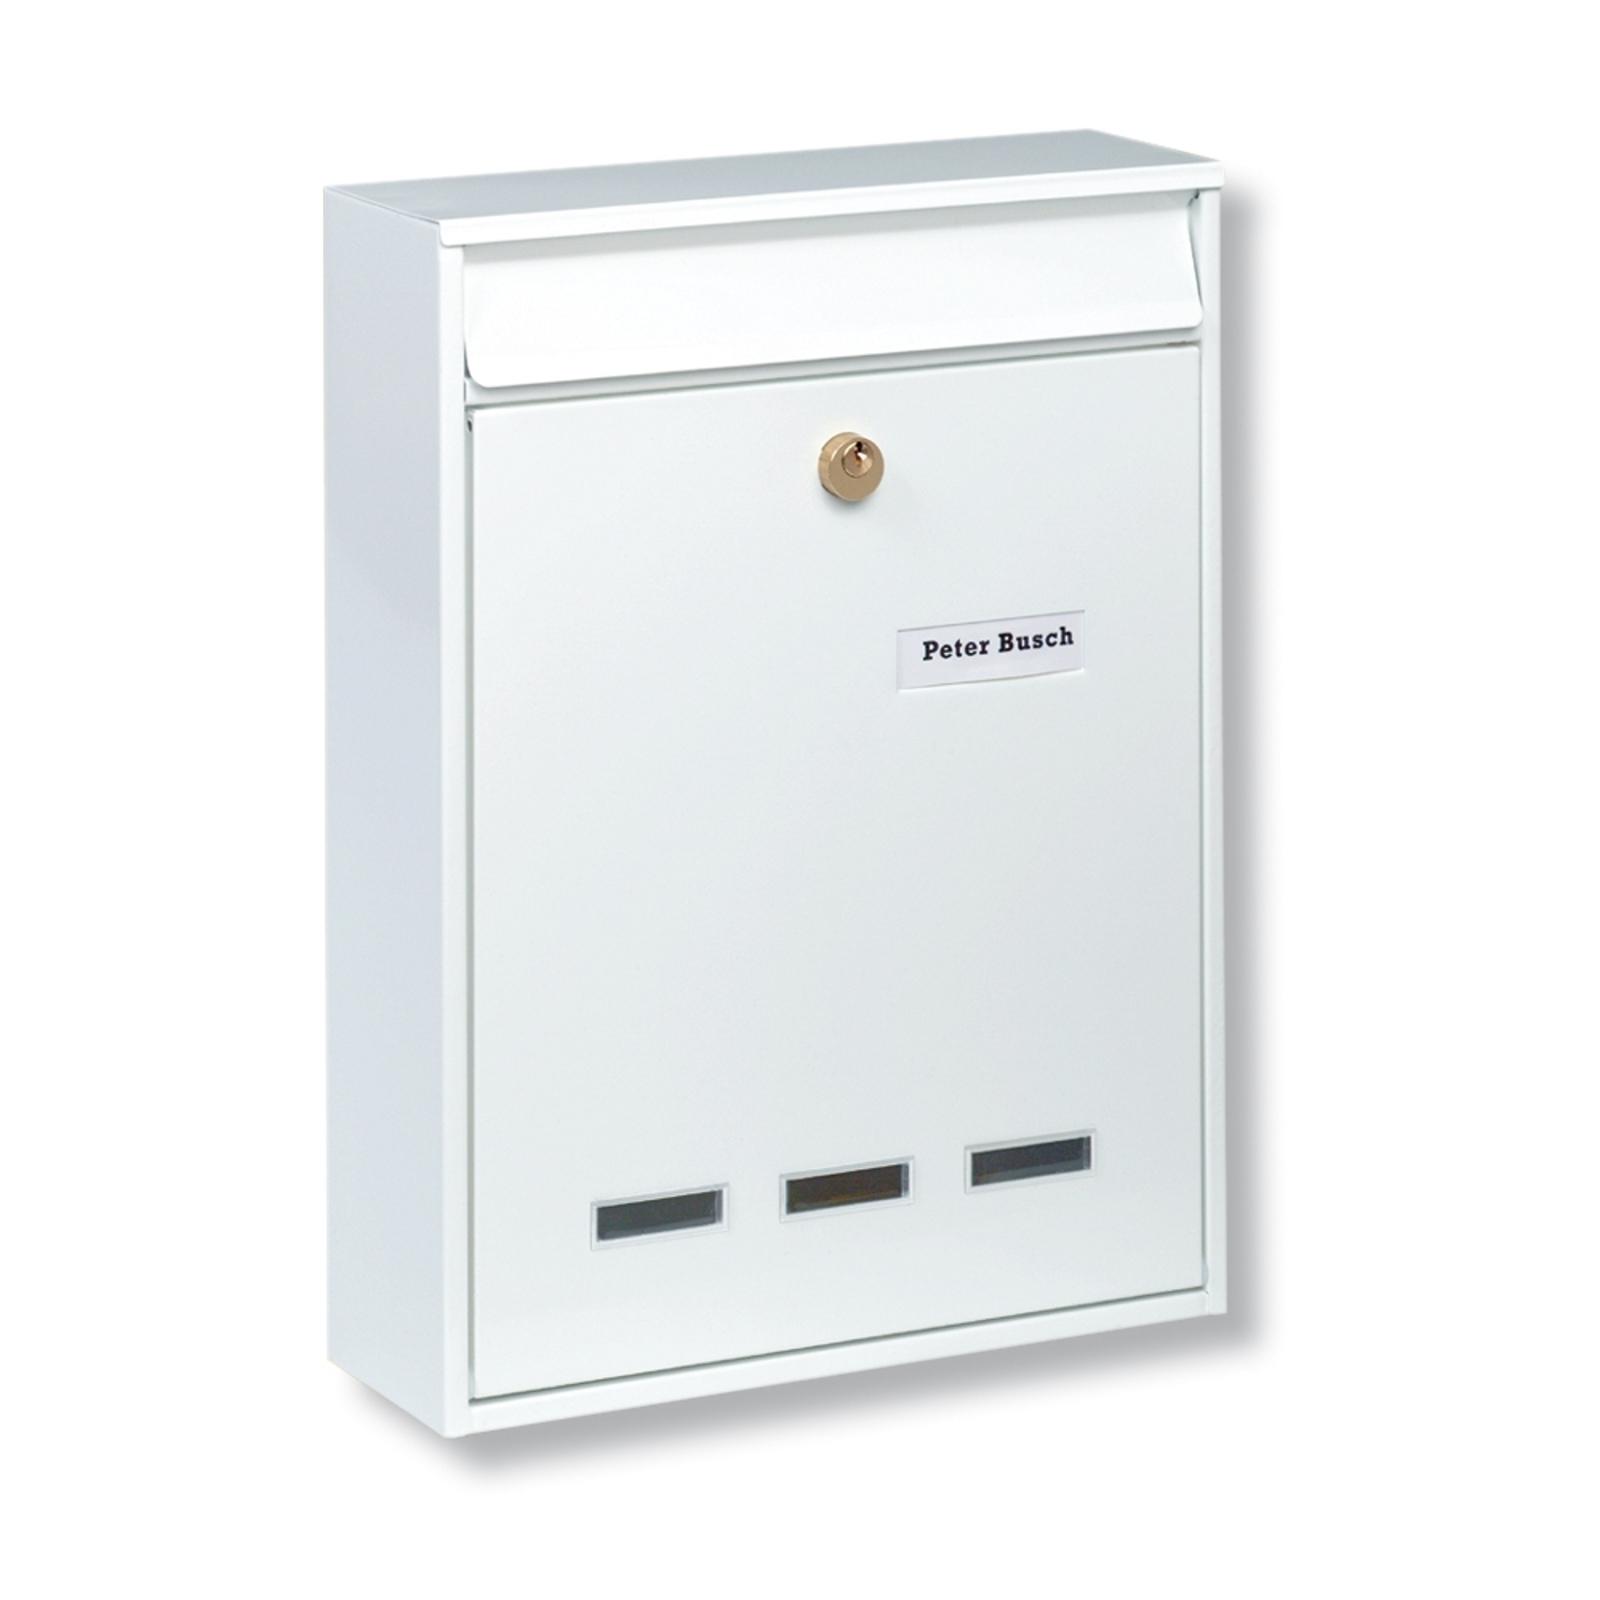 Anlagen-Briefkasten Köln Format DIN B5, weiß